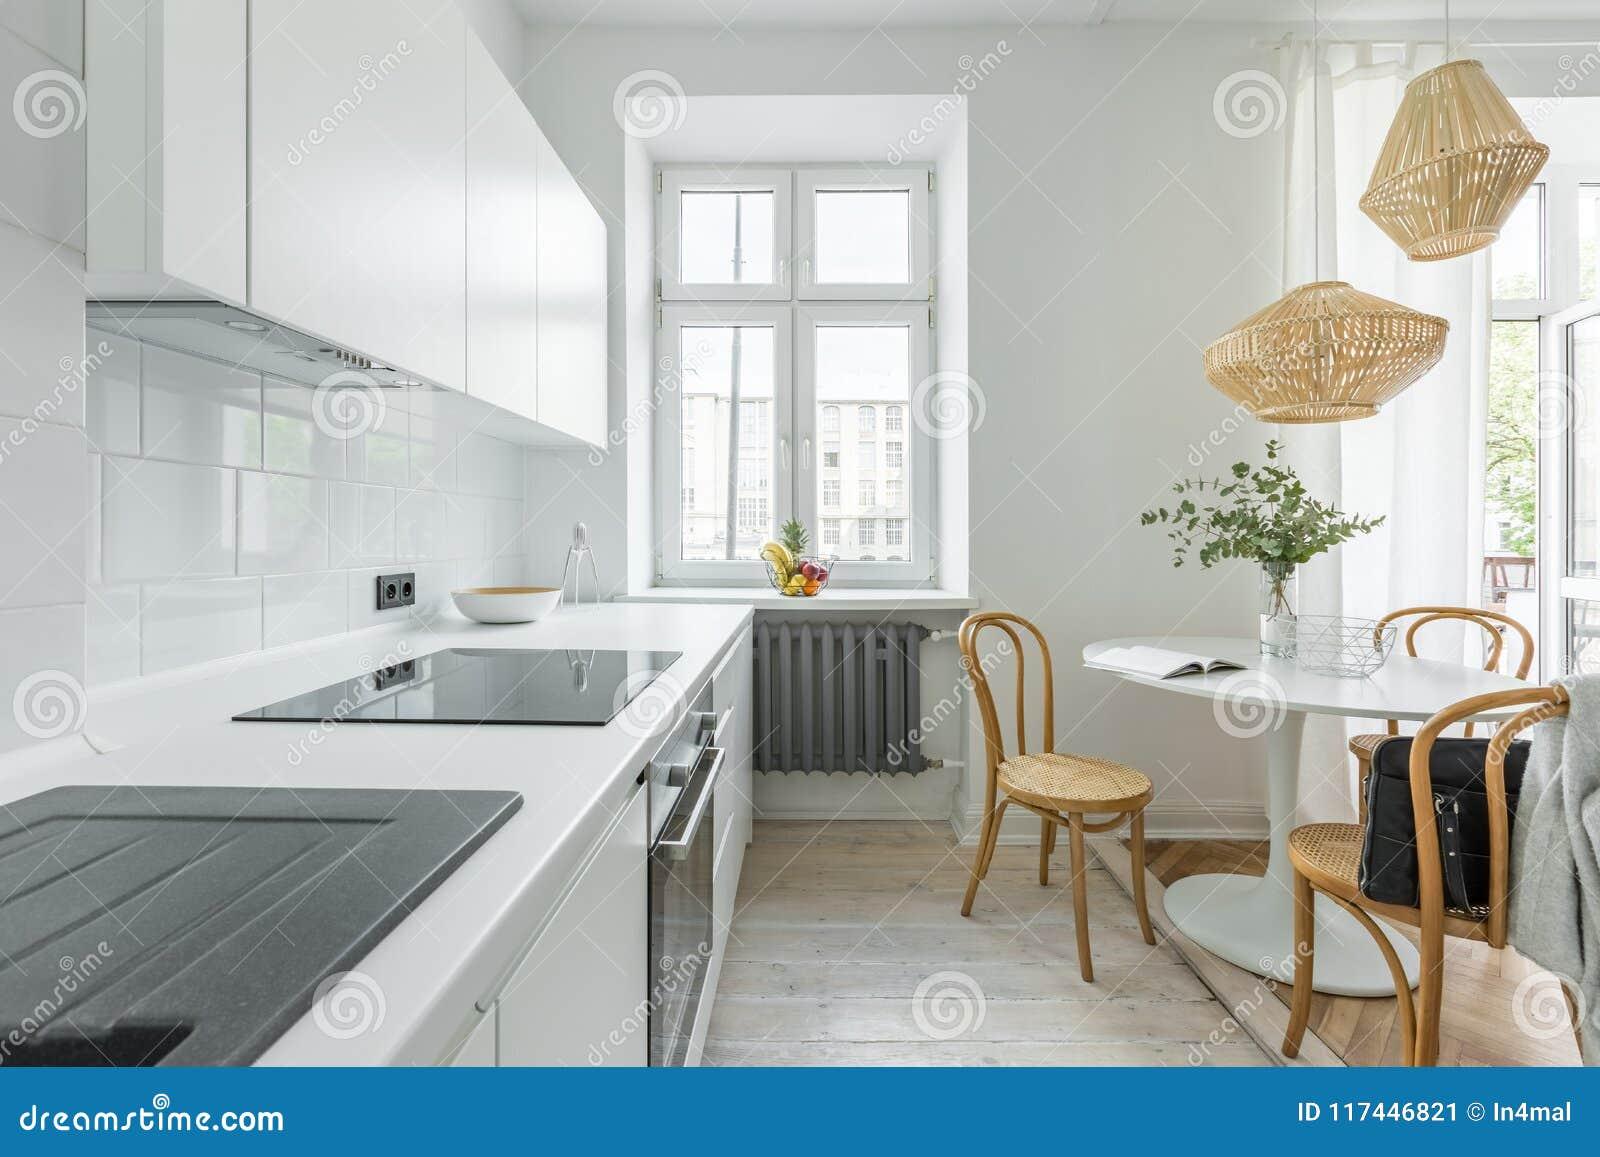 Cocina con la mesa redonda imagen de archivo. Imagen de desván ...